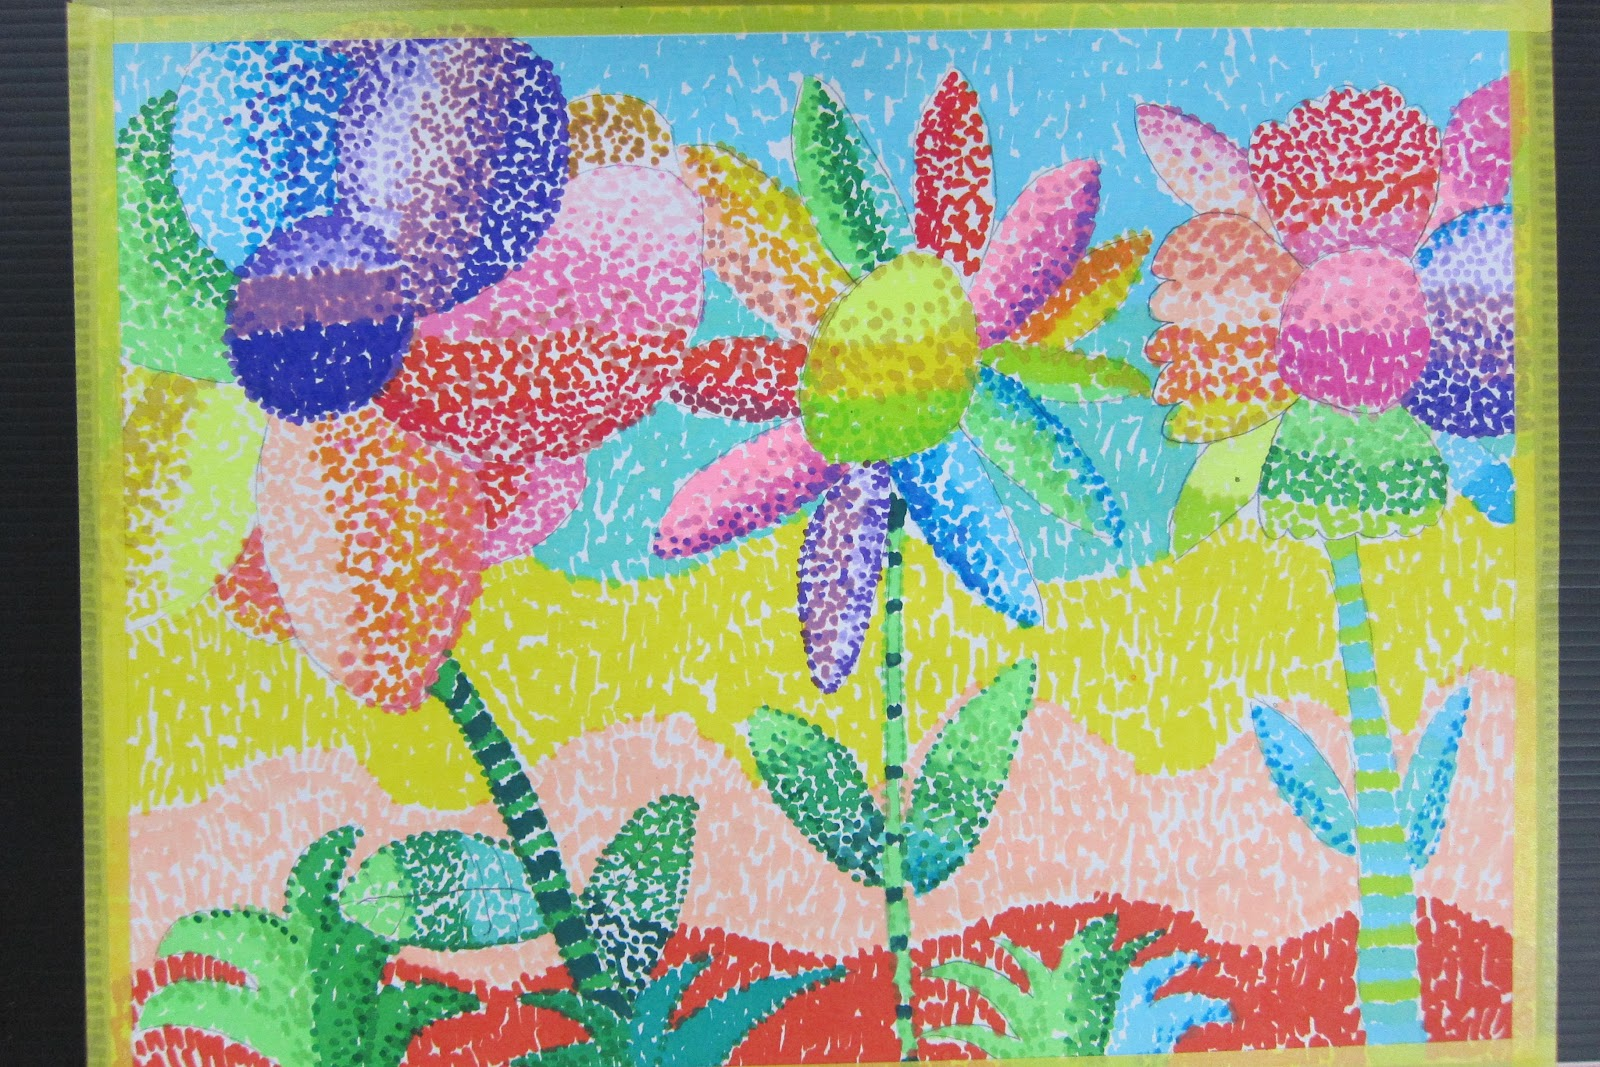 五顏六色玩創意-永和國小朱正忠老師的教學網頁: 點描畫 點點畫 點描畫創作